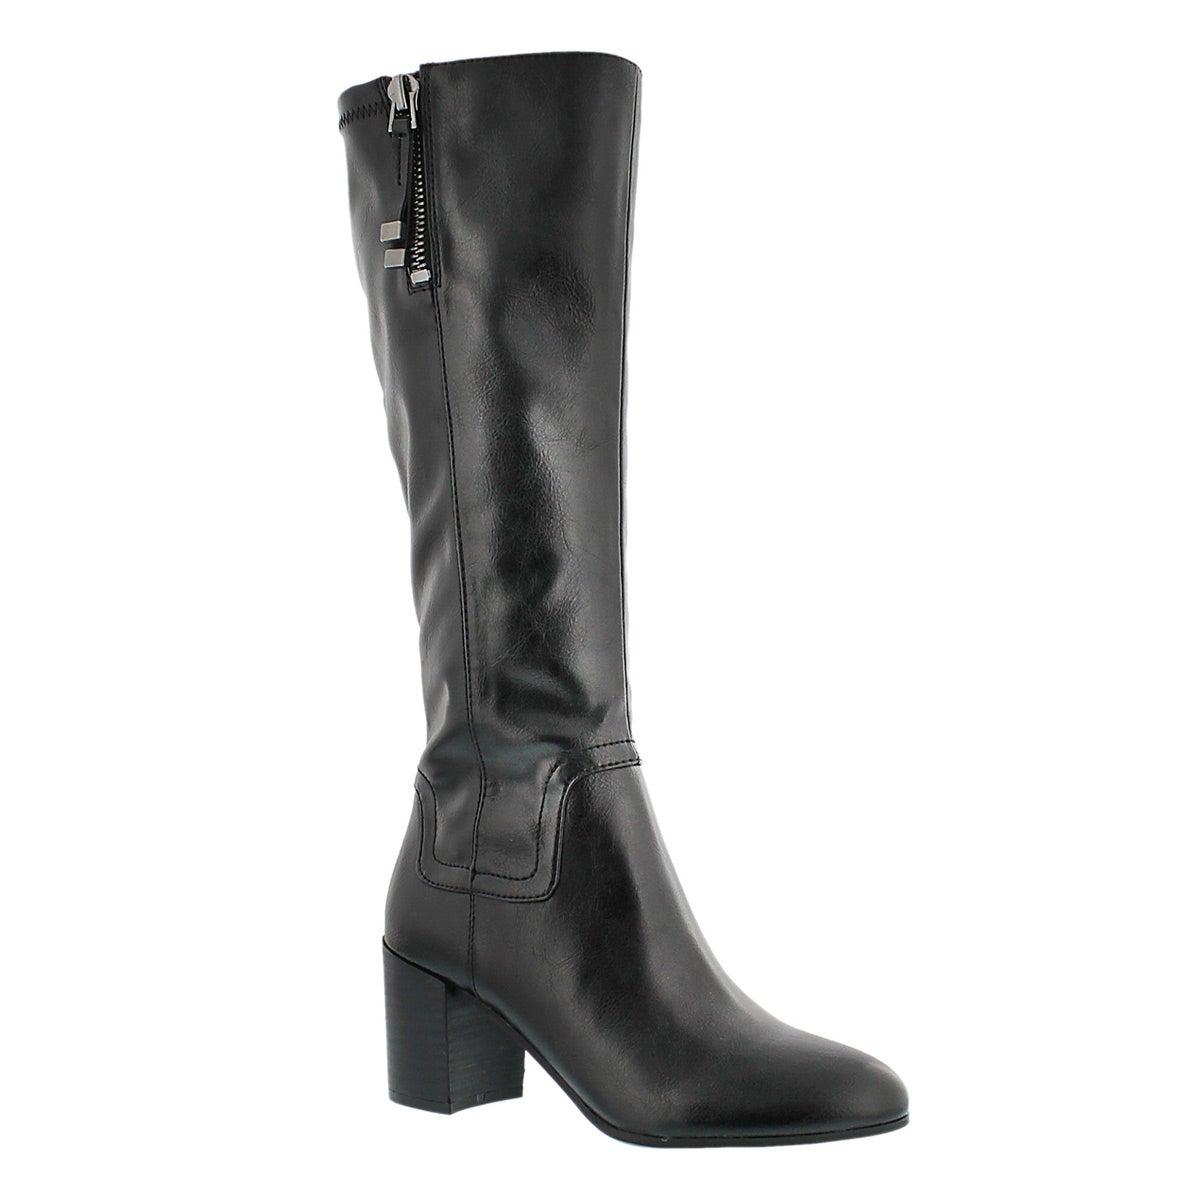 Lds Nostalgia blk hi dress boot